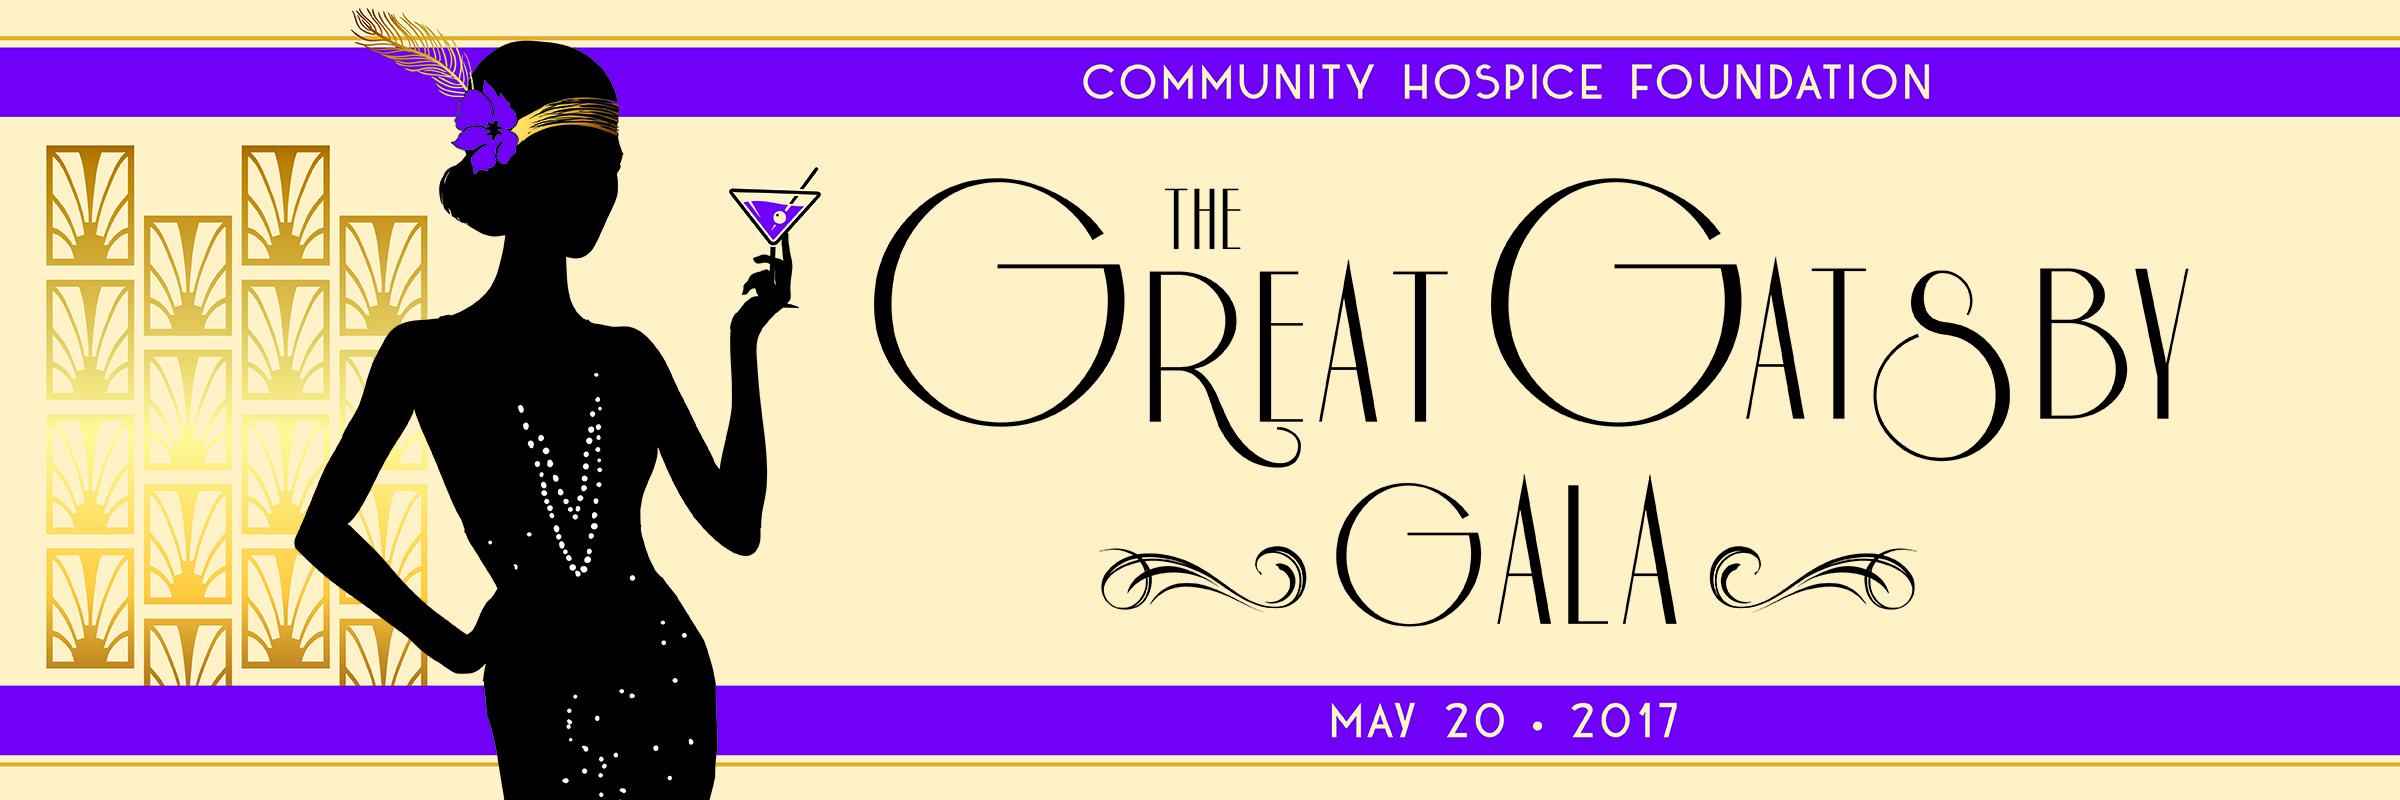 Gala Invite_3